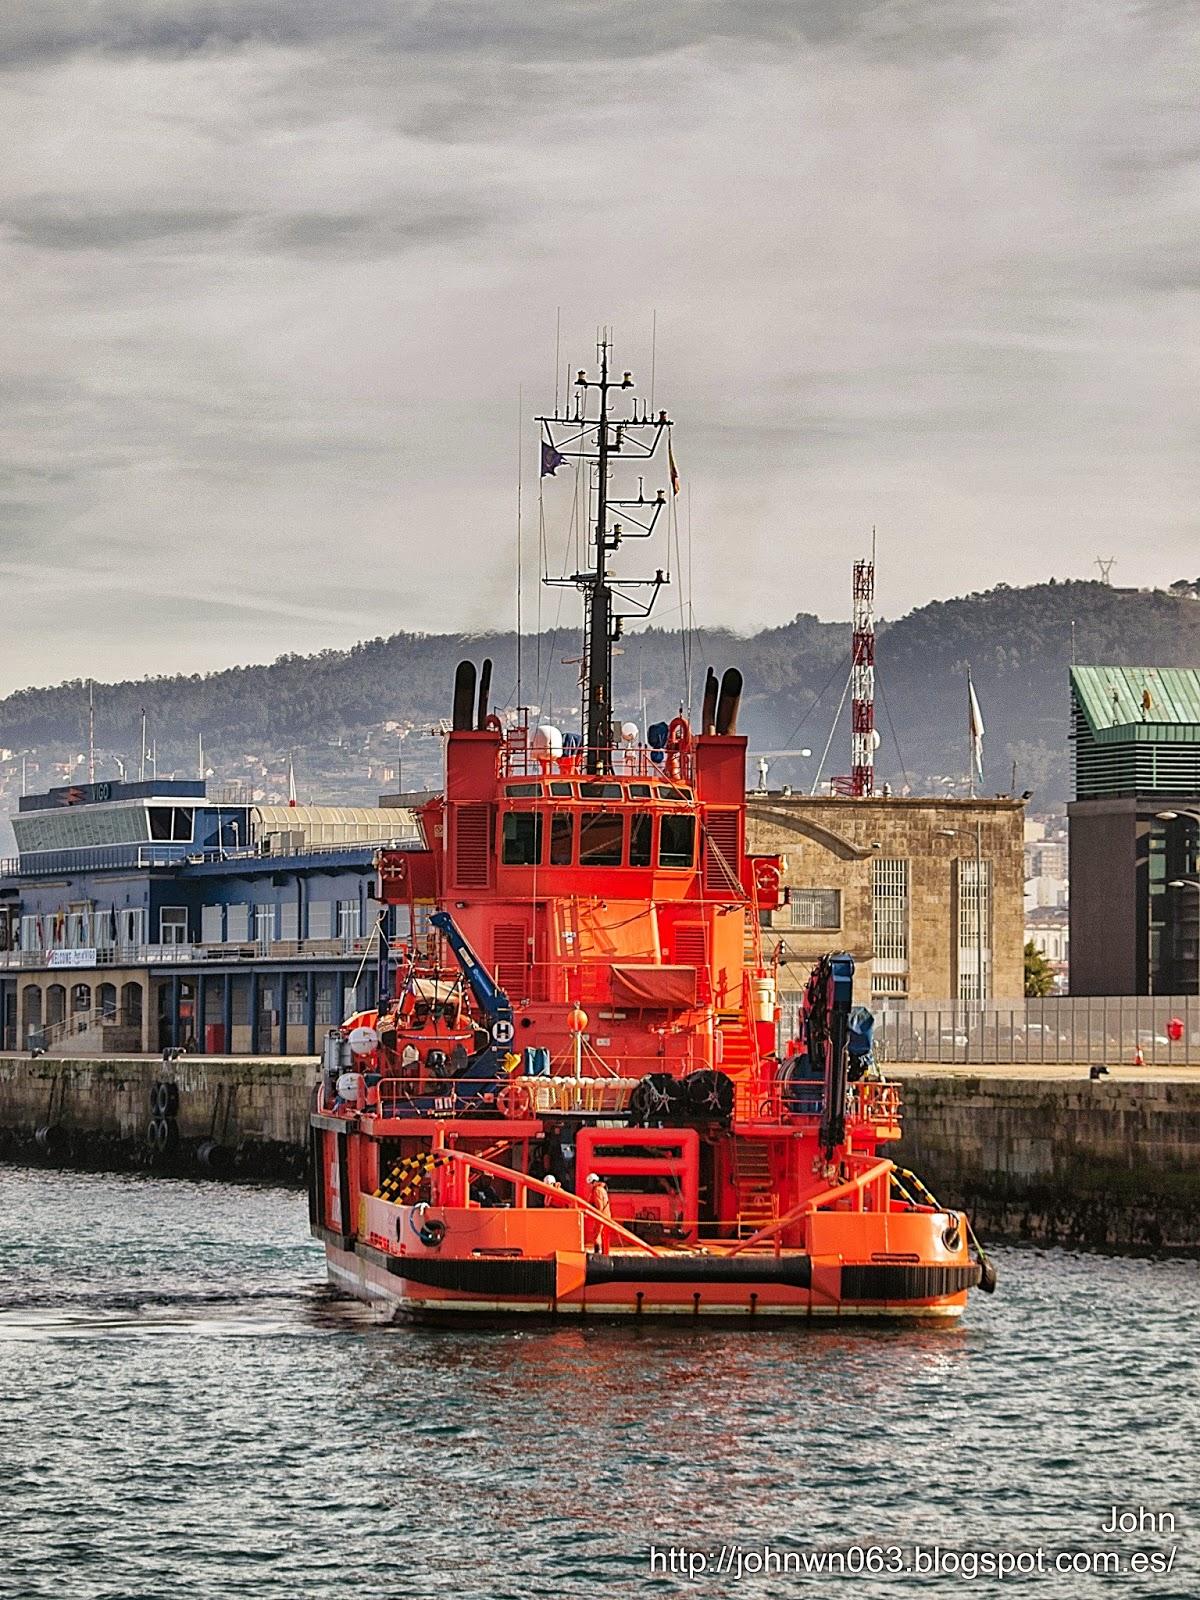 fotos de barcos, imagenes de barcos, salvamento maritimo, maria pita, remolcador, vigo